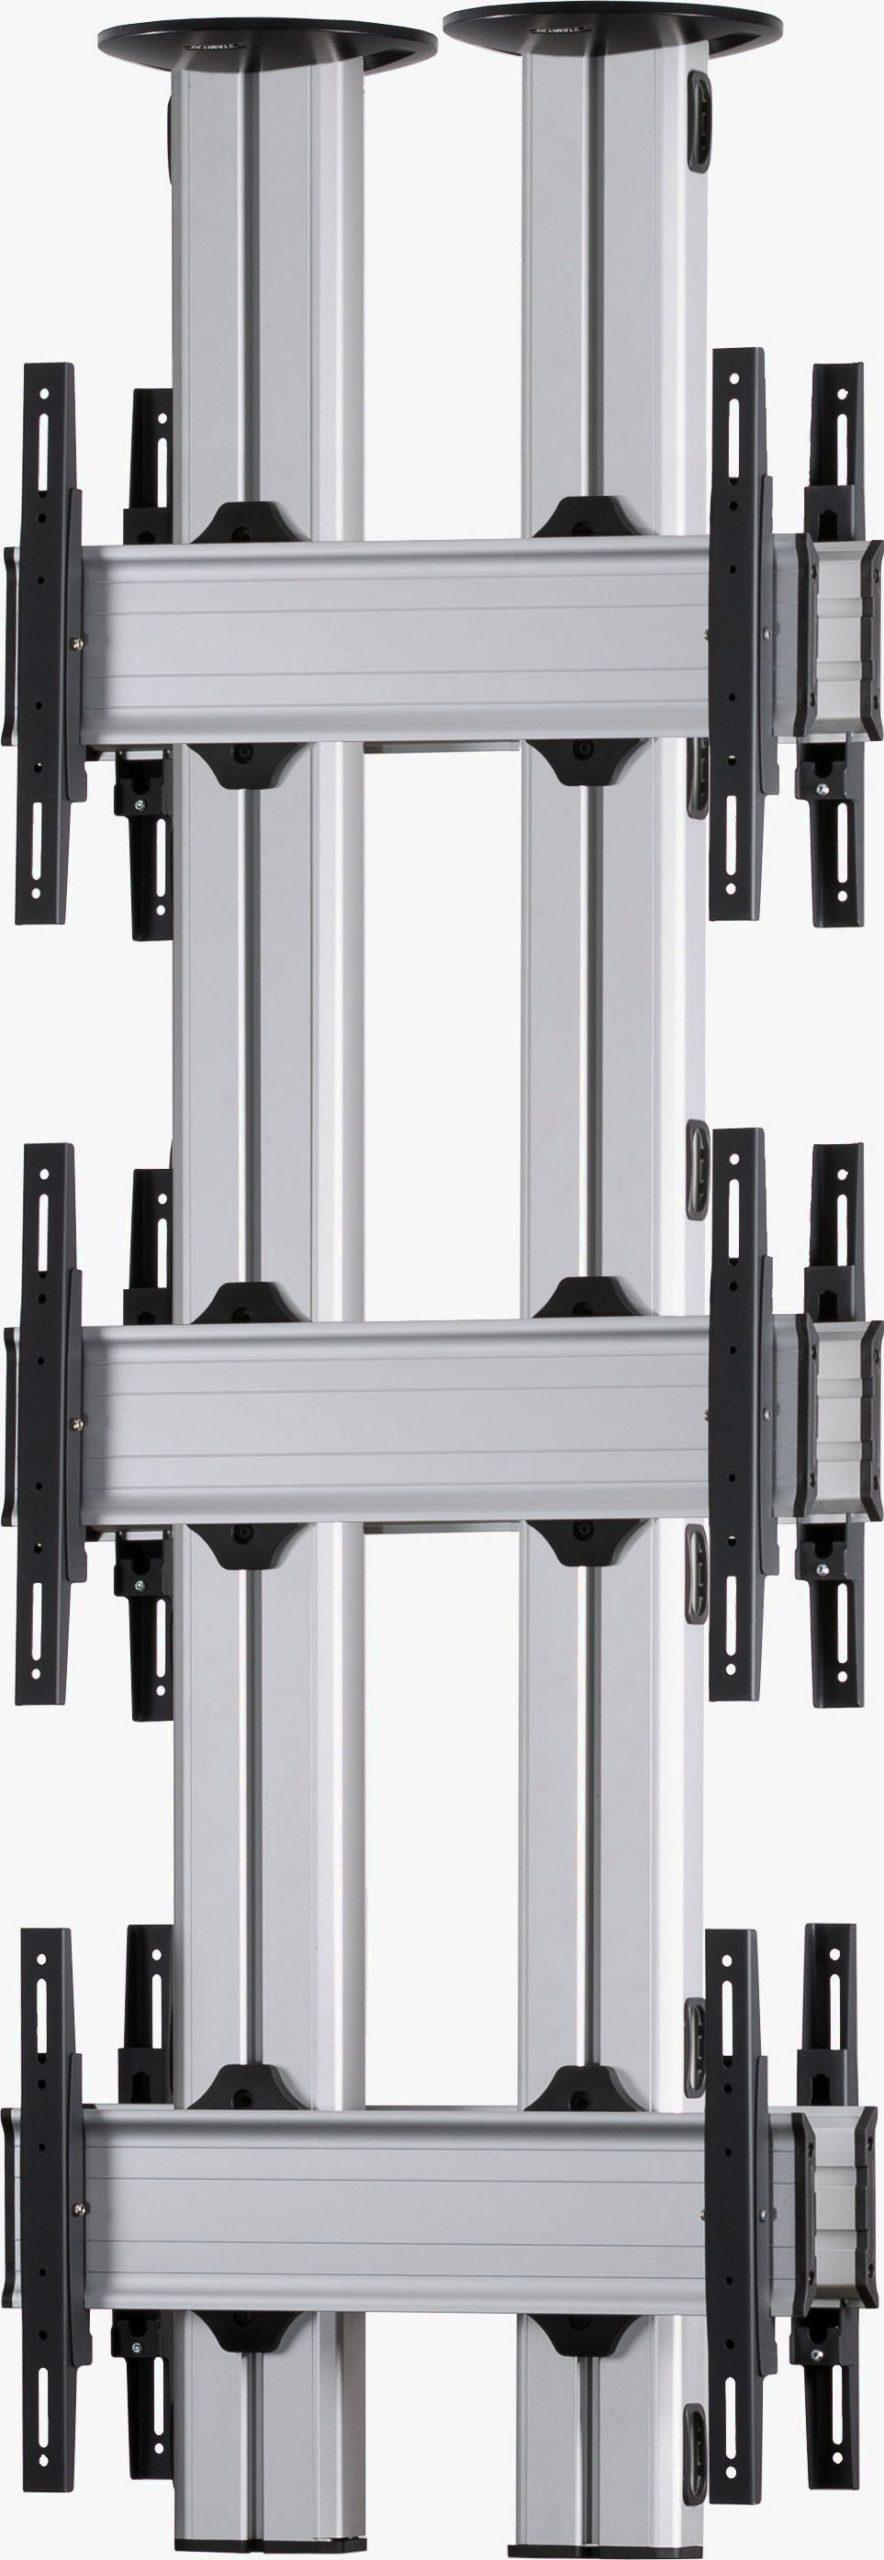 6 Displays 3x1 beidseitig, für große Bildschirme, Standard-VESA, zur Deckenbefestigung